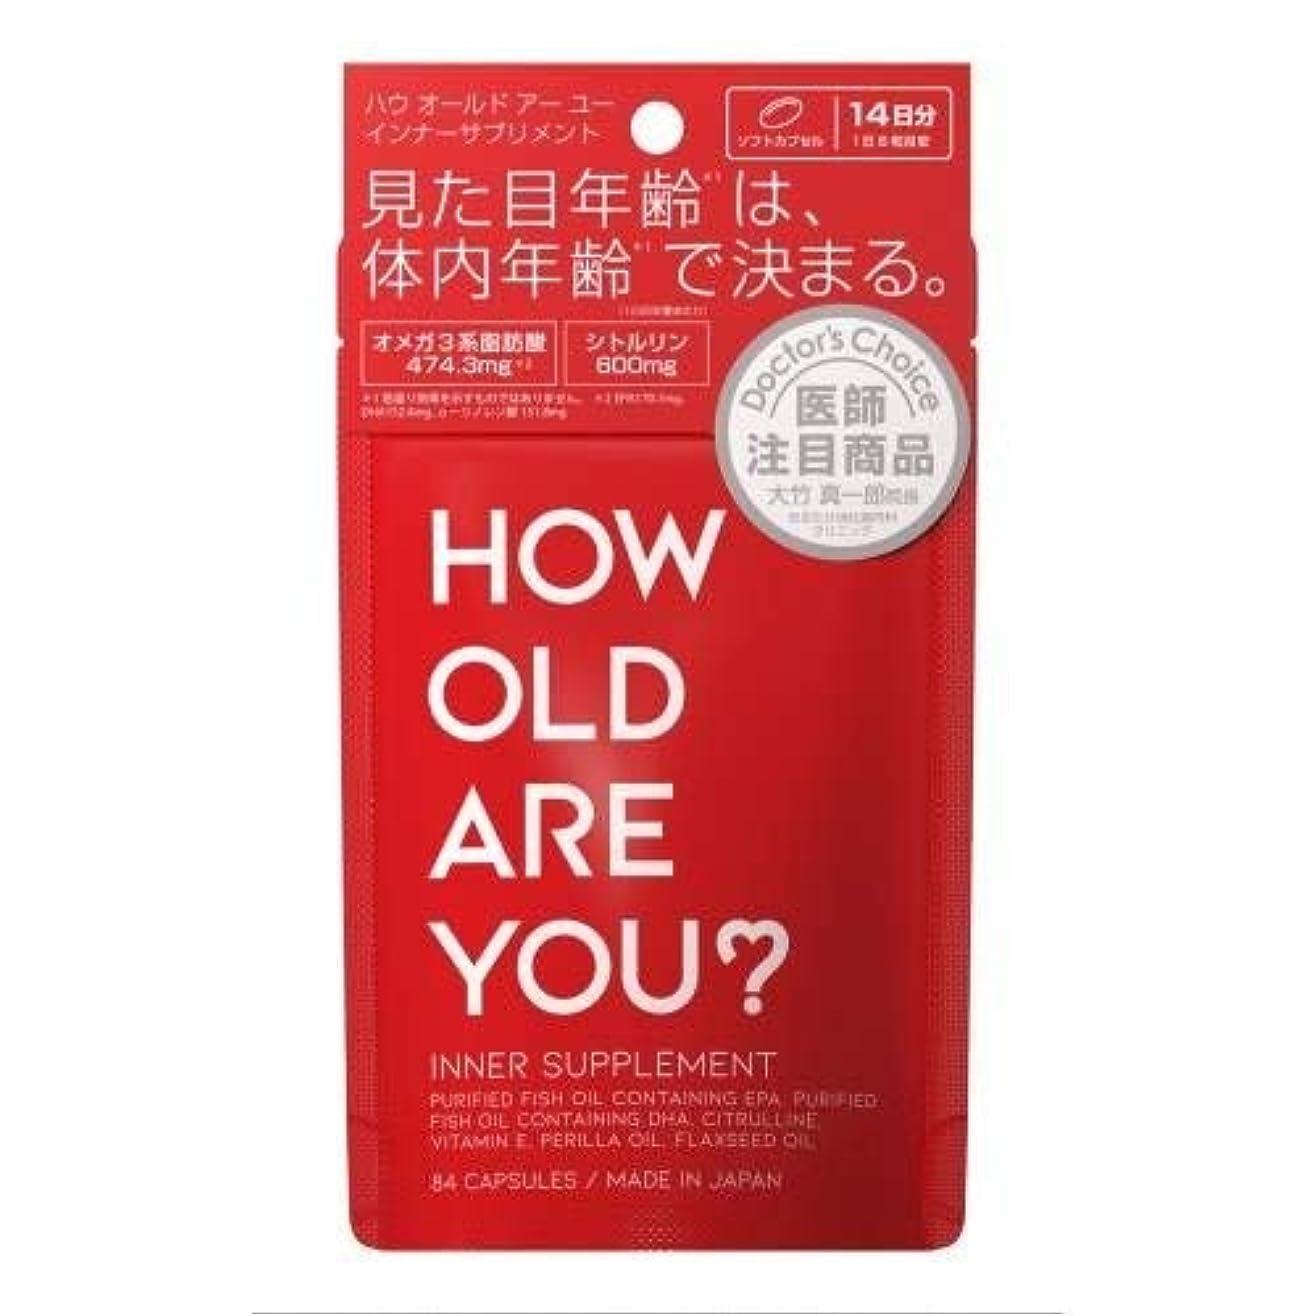 【2個セット】HOW OLD ARE YOU?インナーサプリメント 84粒